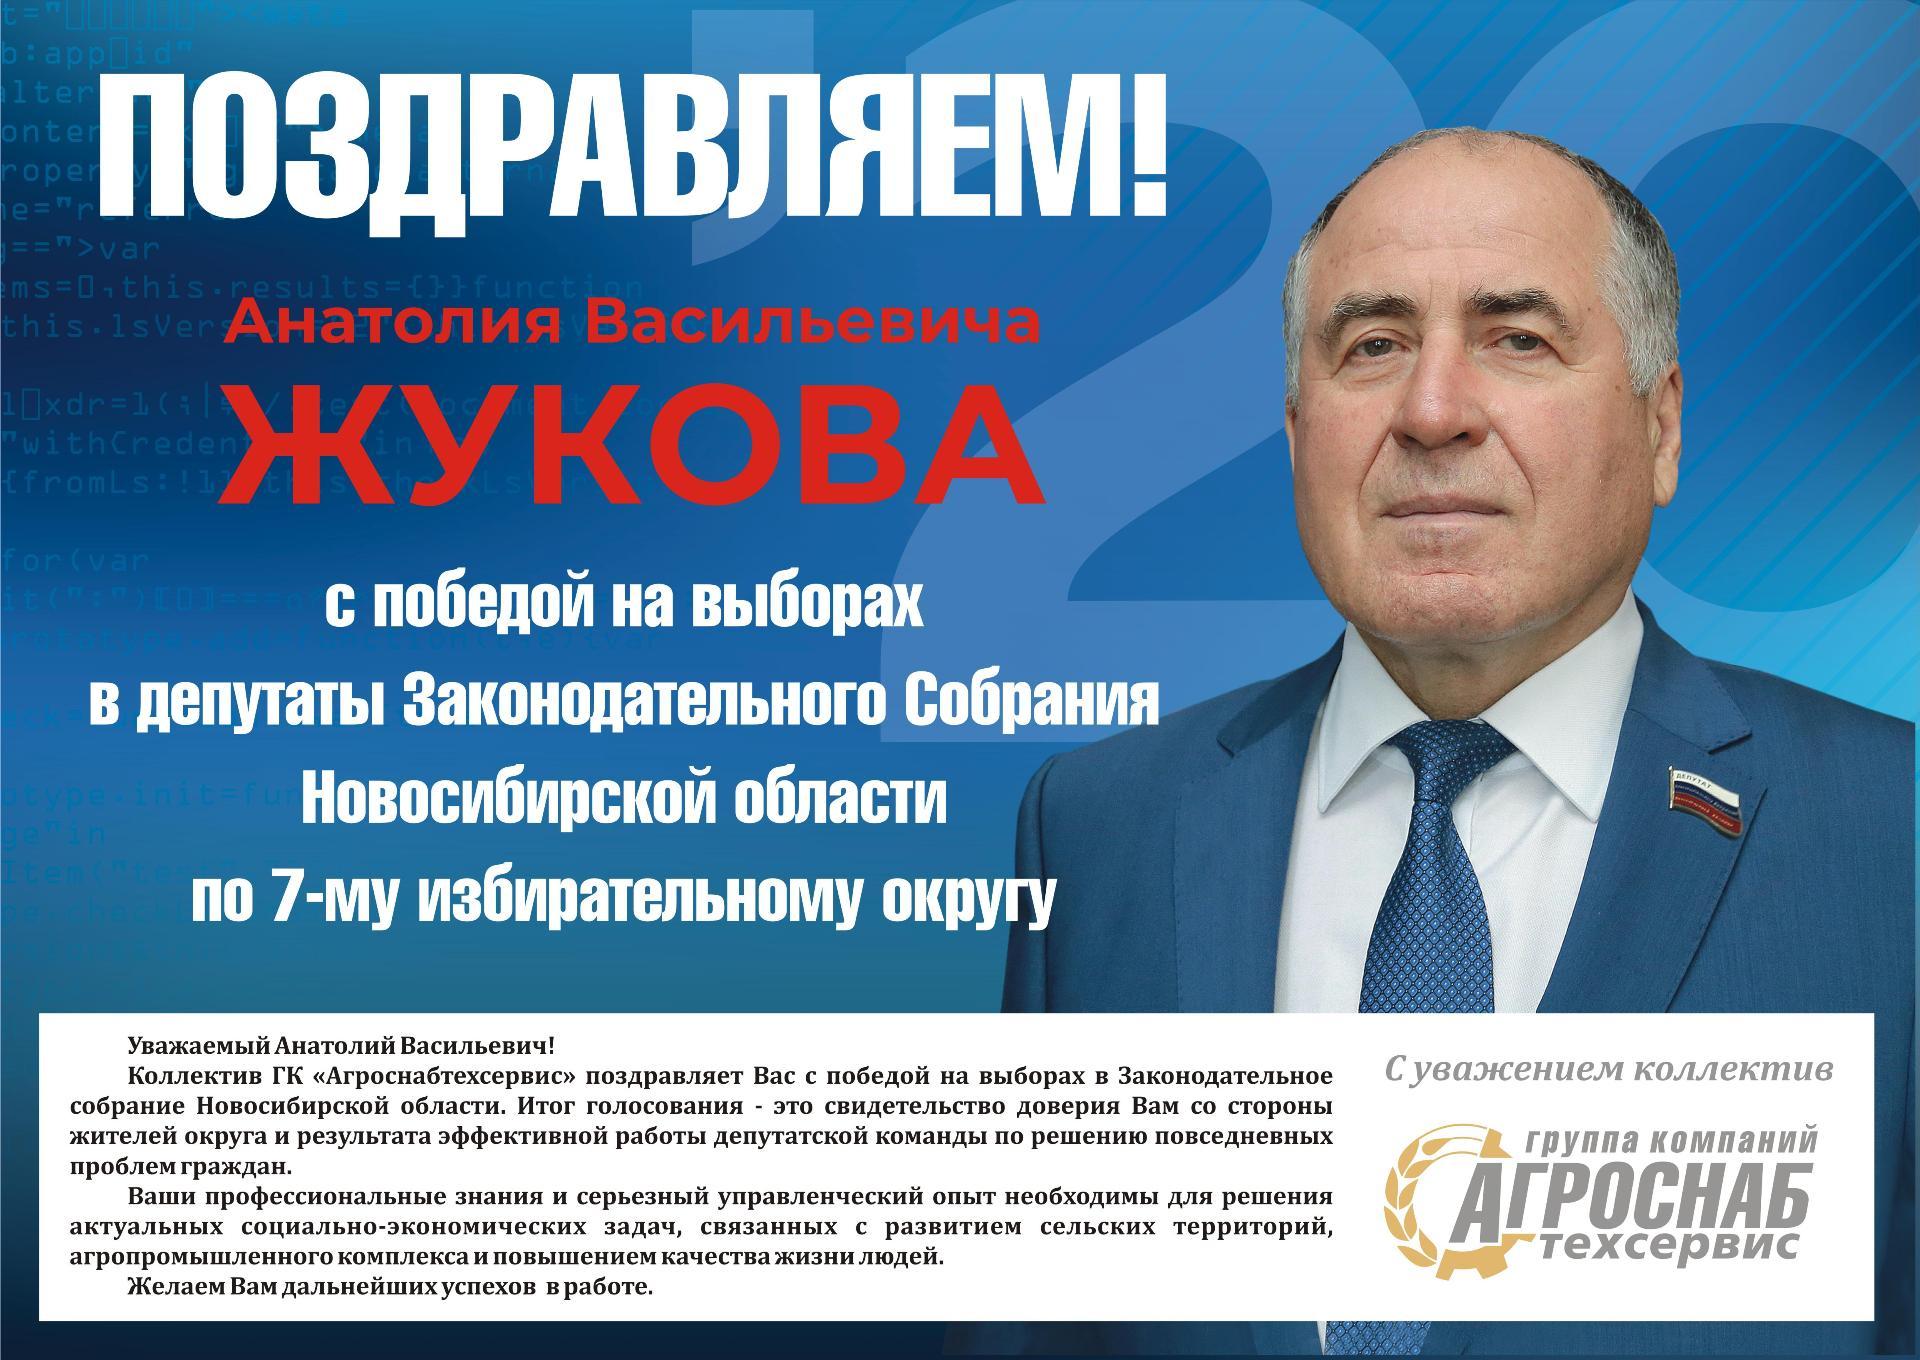 Поздравляем Жукова Анатолия Васильевича